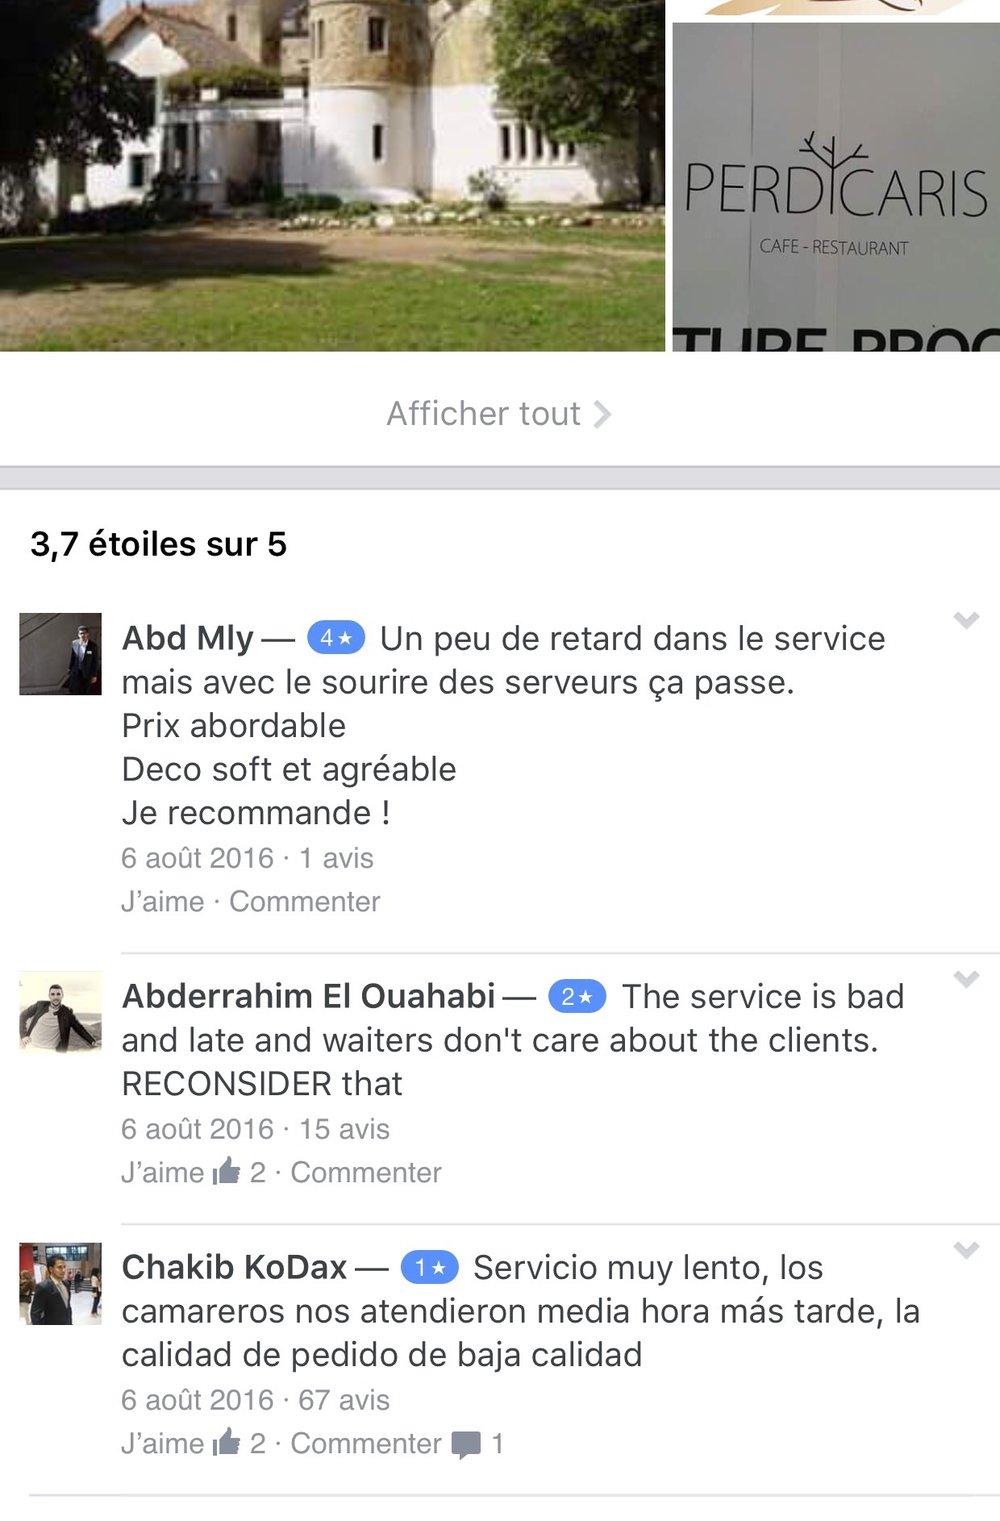 """بعض تعليقات زبناء مقهى مطعم """"برديكاريس"""" بطنجة"""